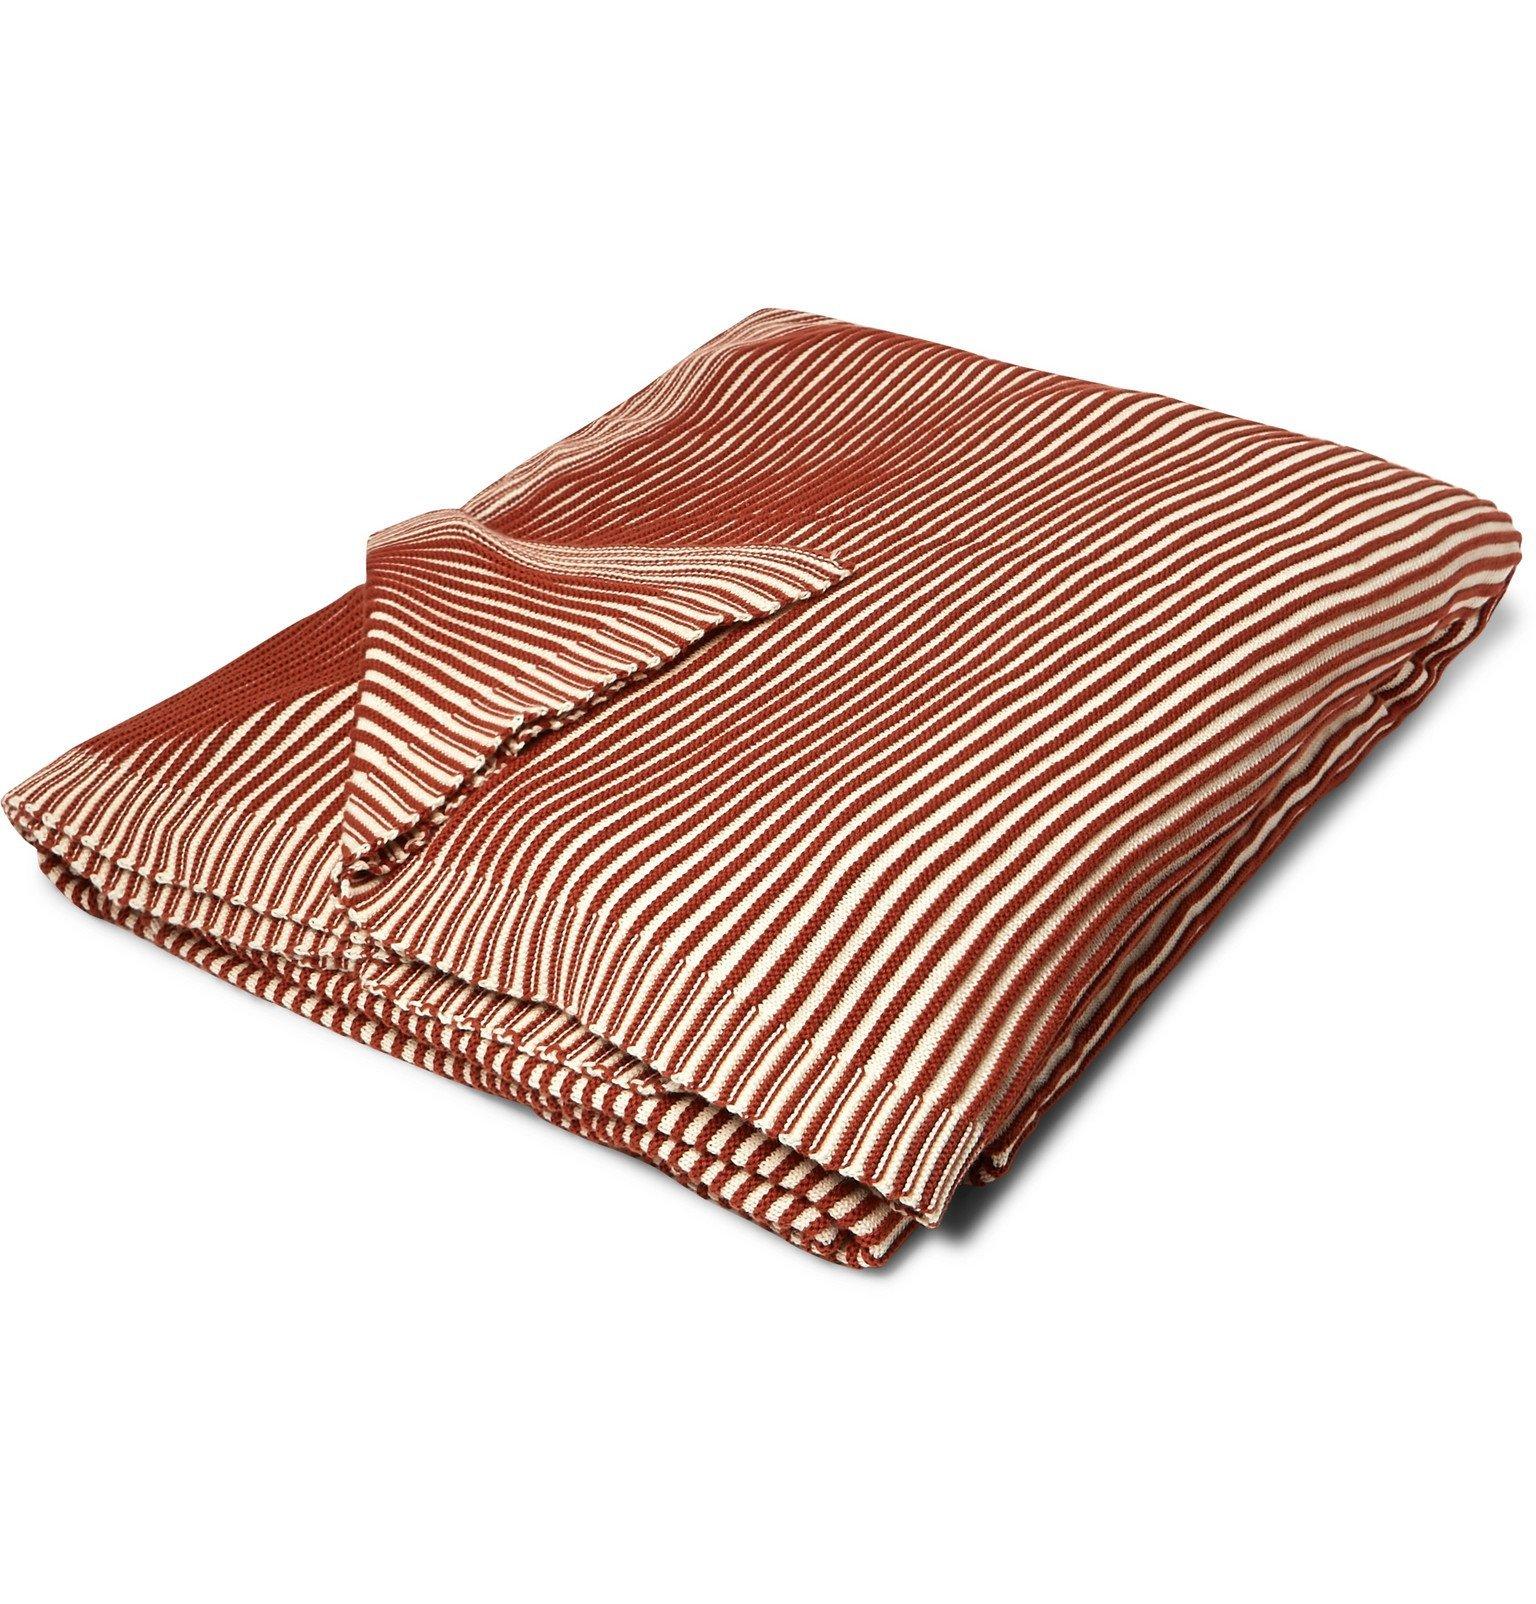 Photo: Soho Home - Warehouse Striped Cotton Blanket - Orange